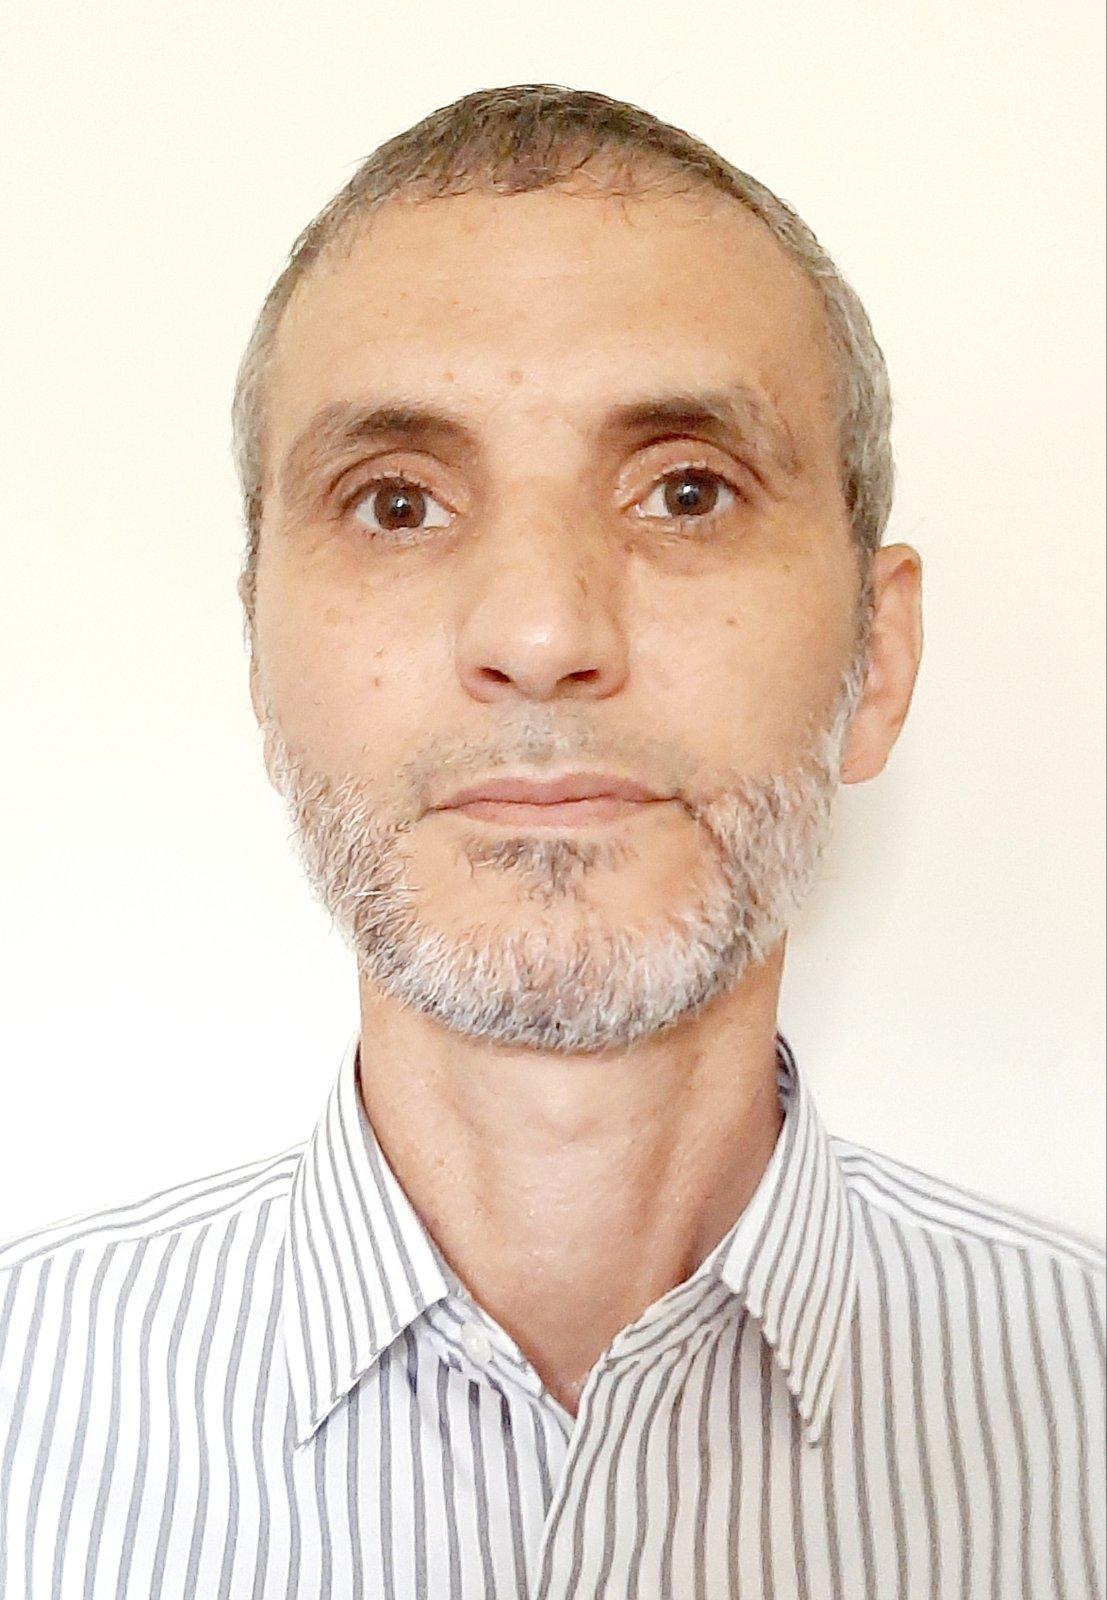 Adel Belkhair